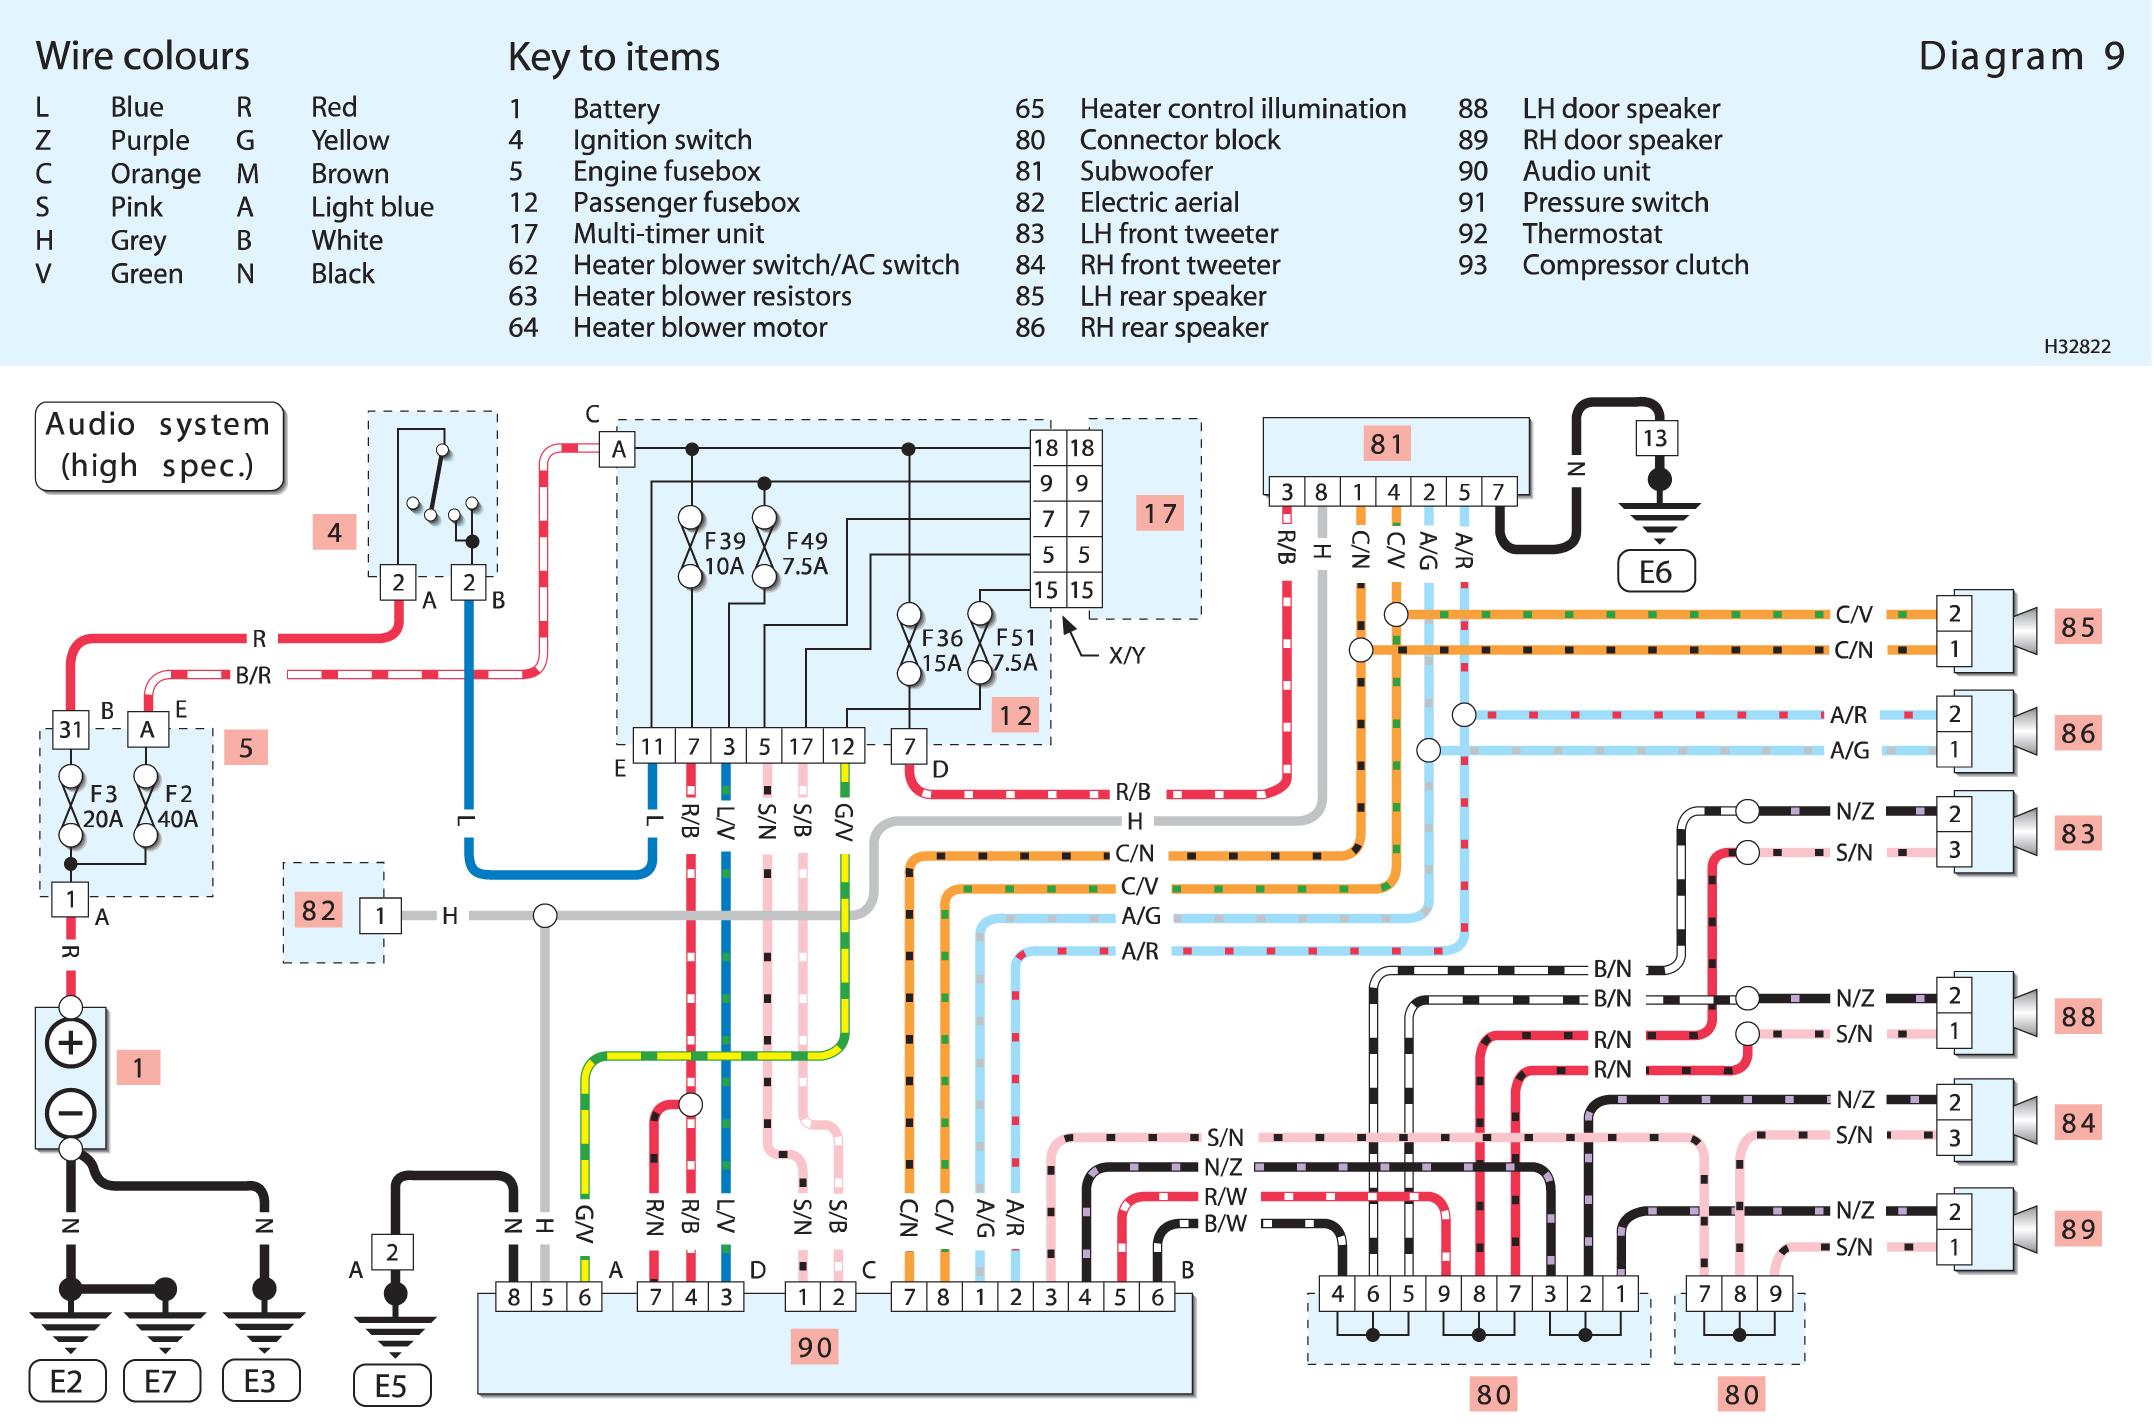 fiat punto mk2 radio wiring diagram somurich com rh somurich com fiat radio wiring diagram fiat radio wiring diagram